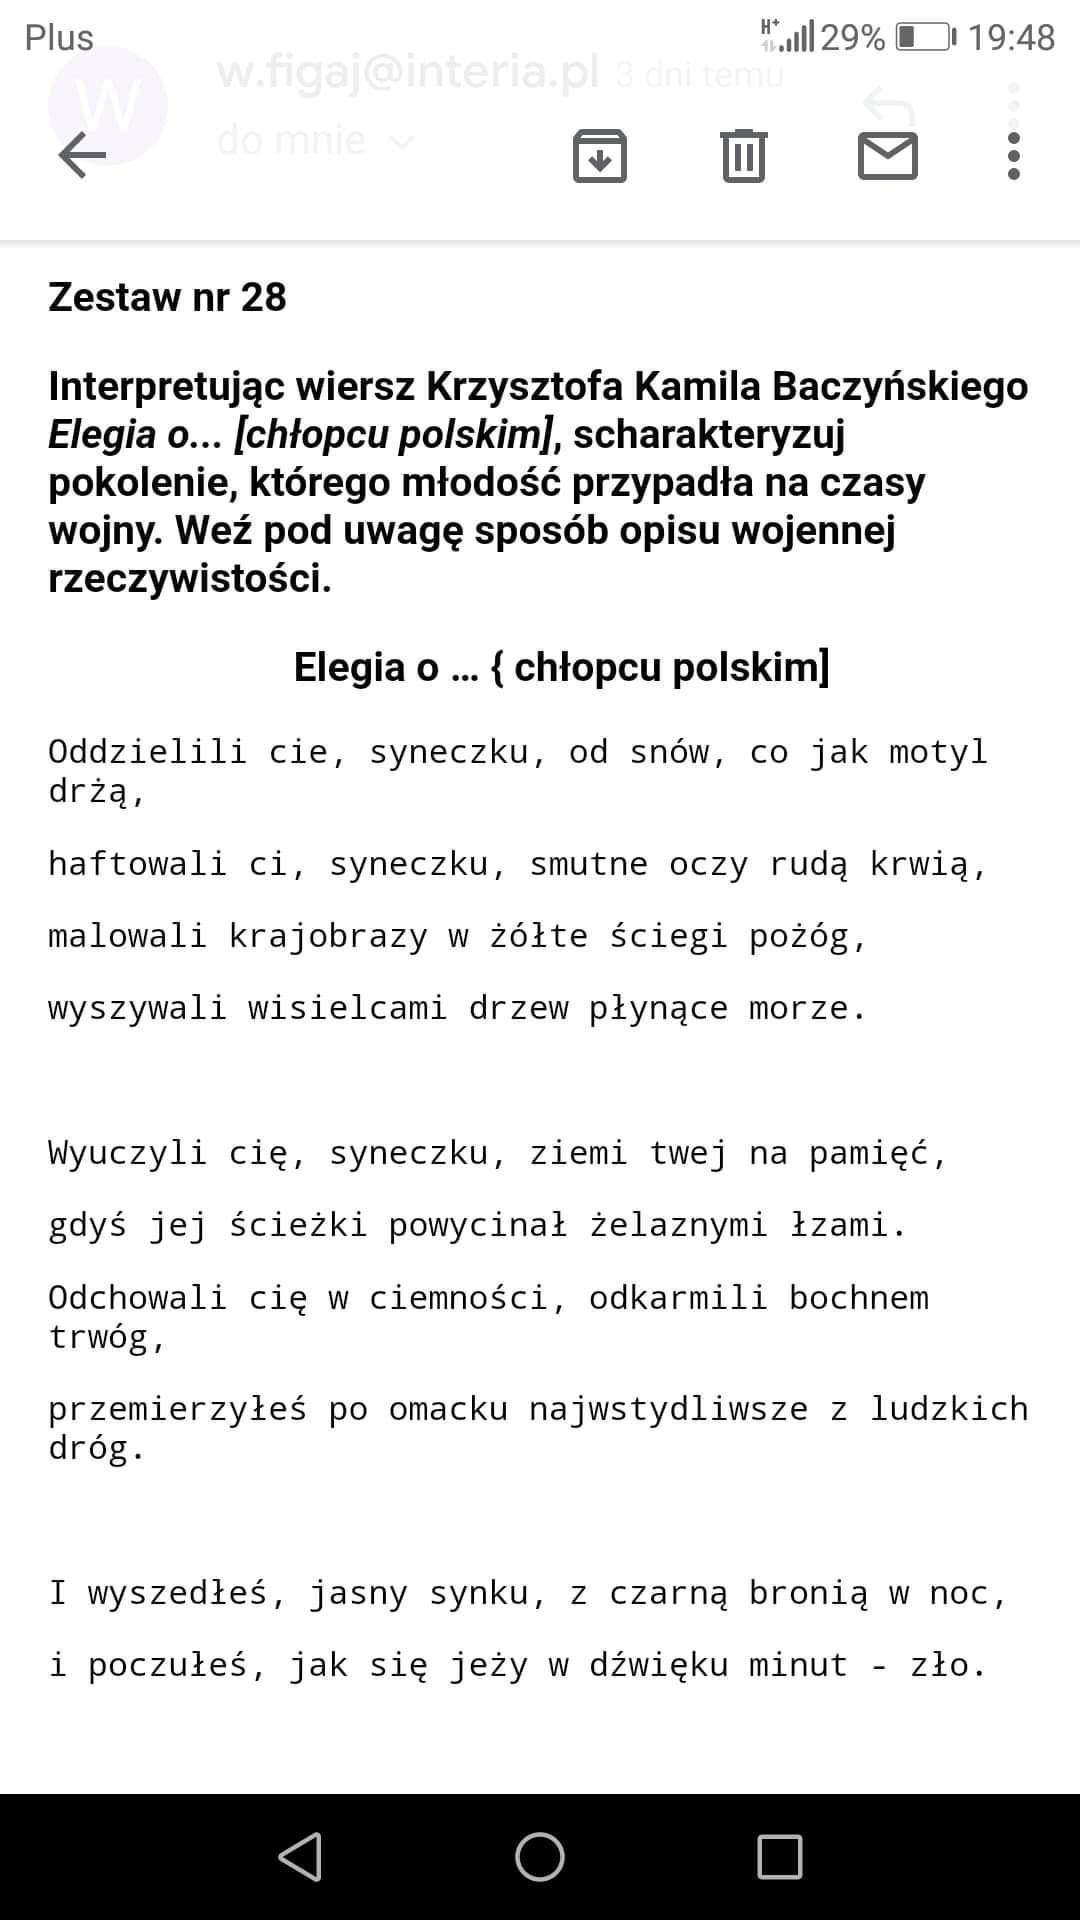 Interpretując Wiersz Krzysztofa Kamila Baczyńskiego Elegia O